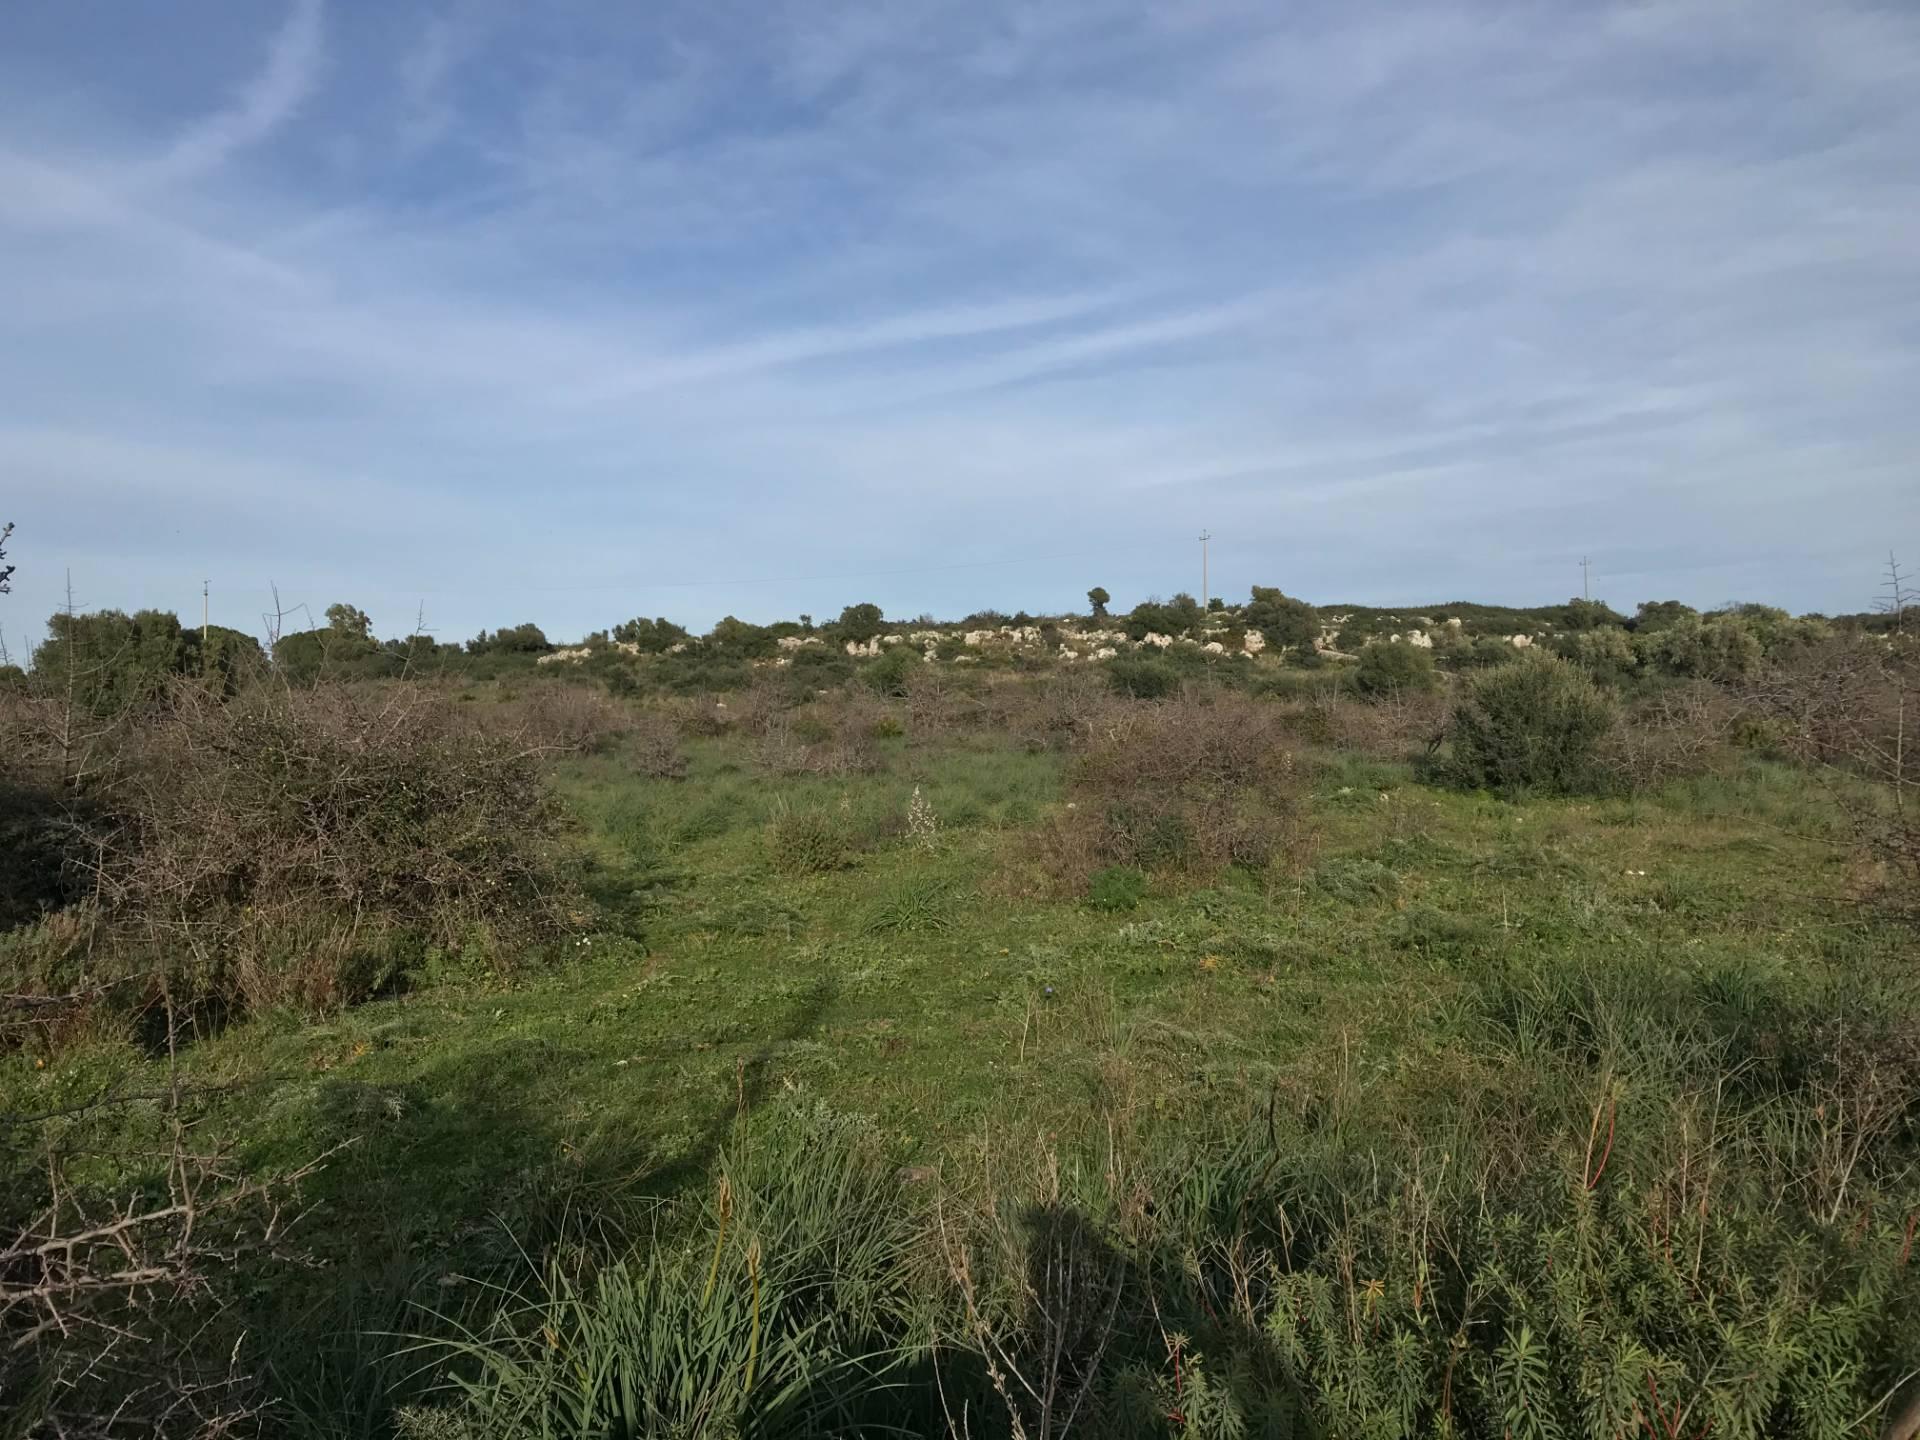 Terreno Agricolo in vendita a Noto, 9999 locali, prezzo € 22.000 | CambioCasa.it